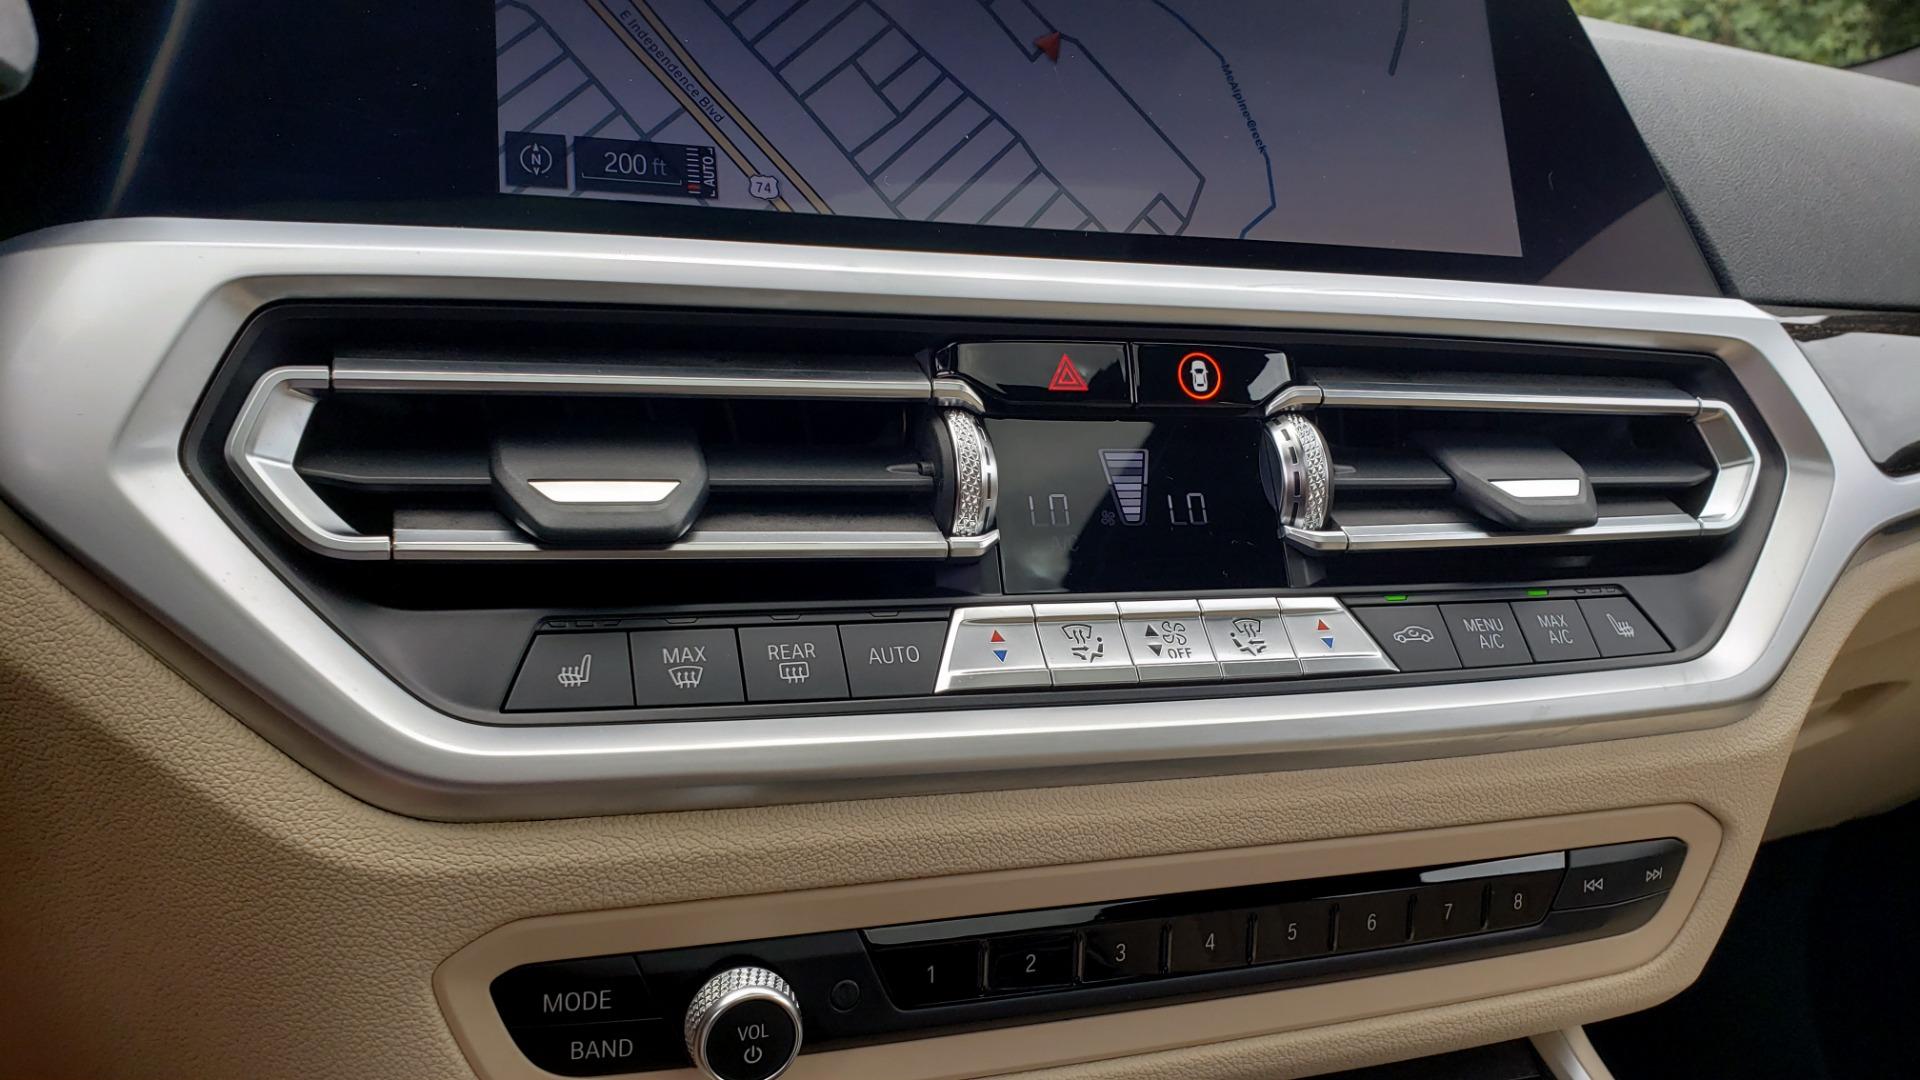 Used 2019 BMW 3 SERIES 330I PREM PKG / NAV / CONV PKG / H&K SND / LIVE COCKPIT PRO for sale Sold at Formula Imports in Charlotte NC 28227 50